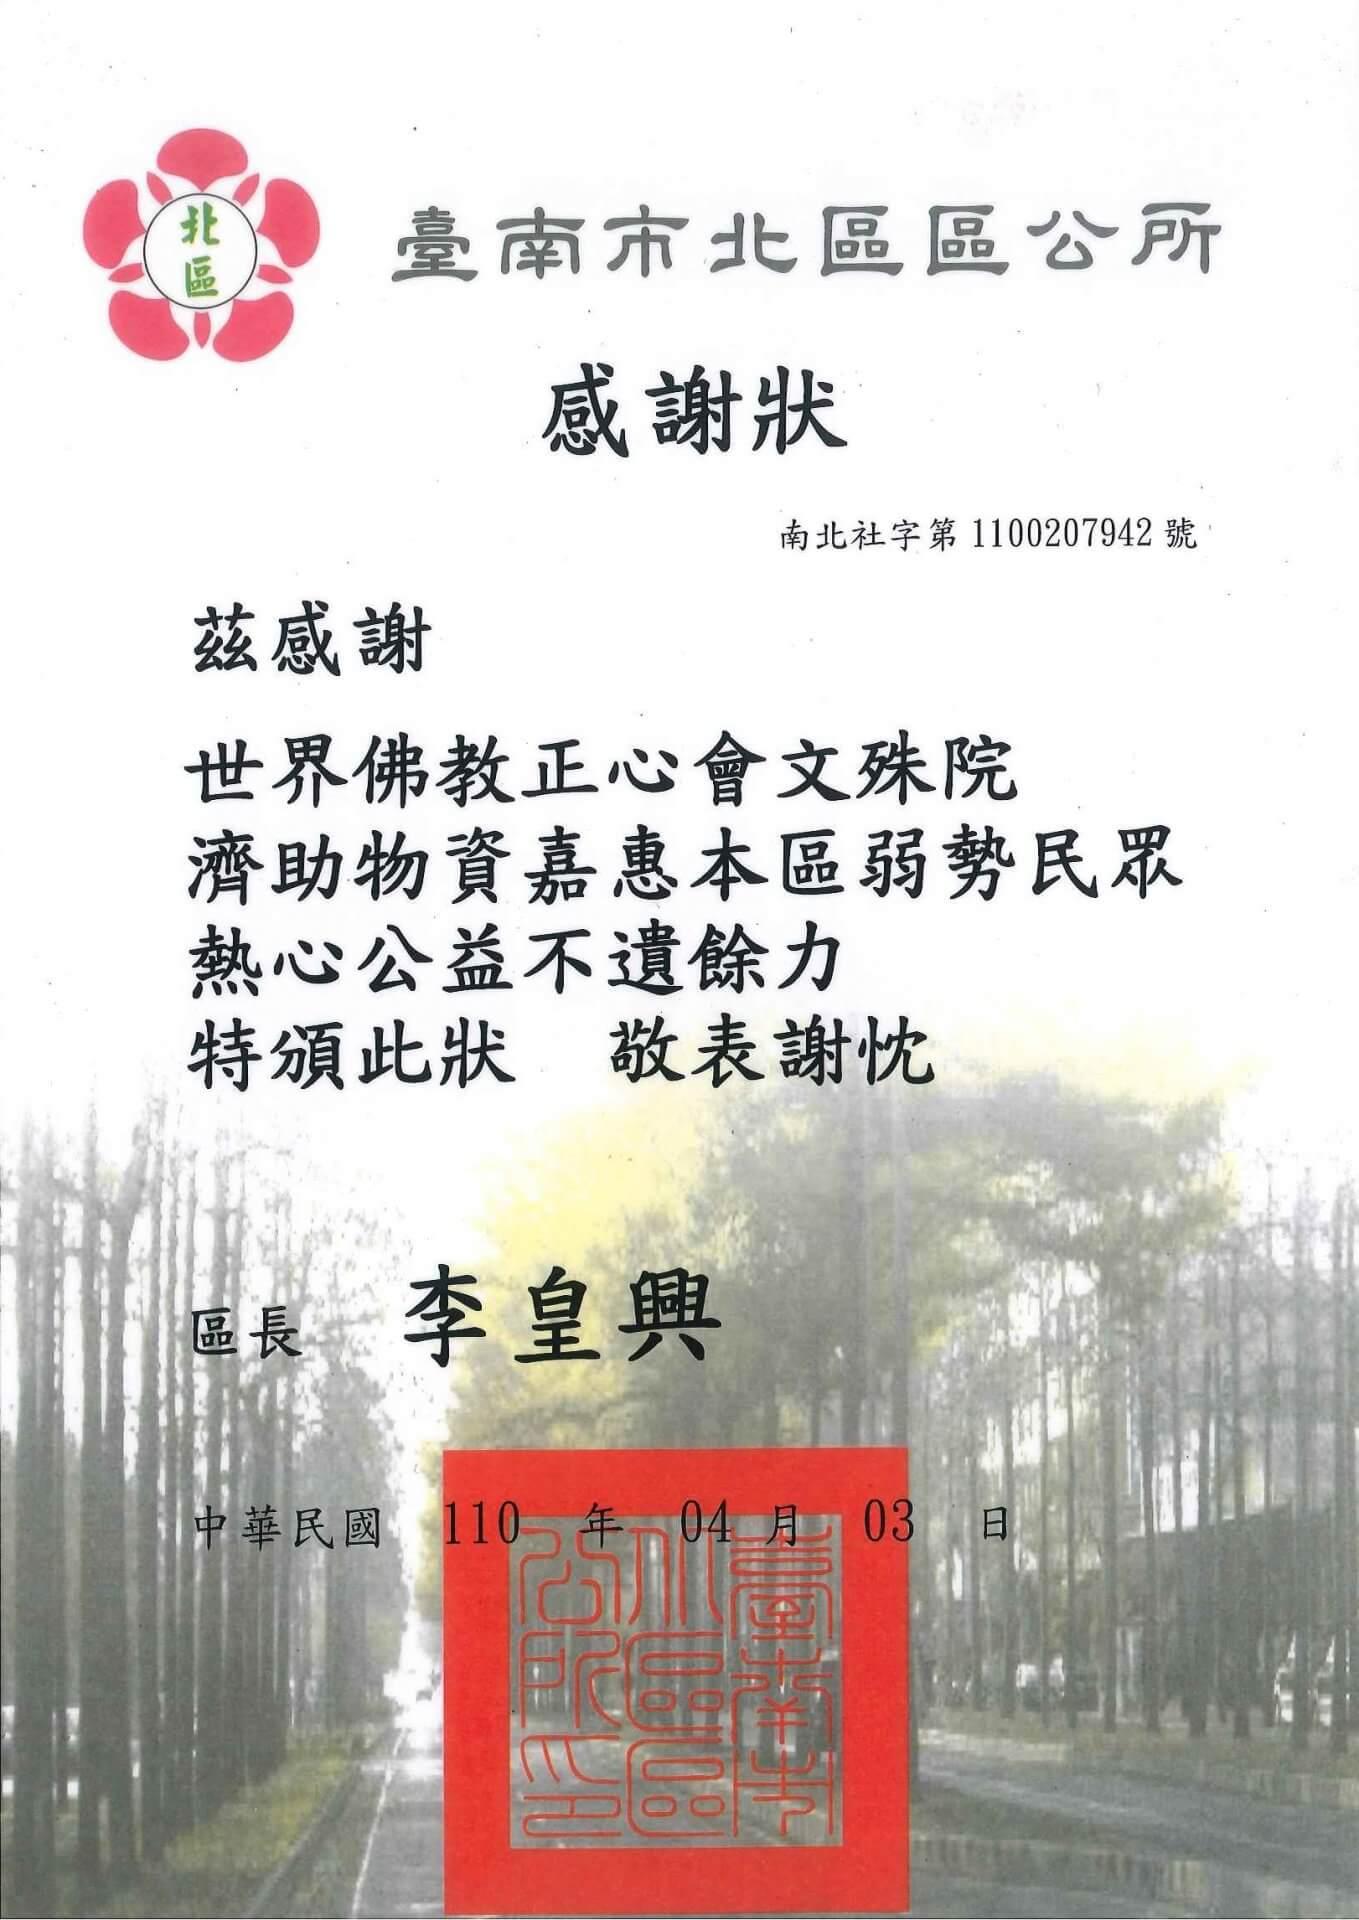 2021-0403台南北區區公所